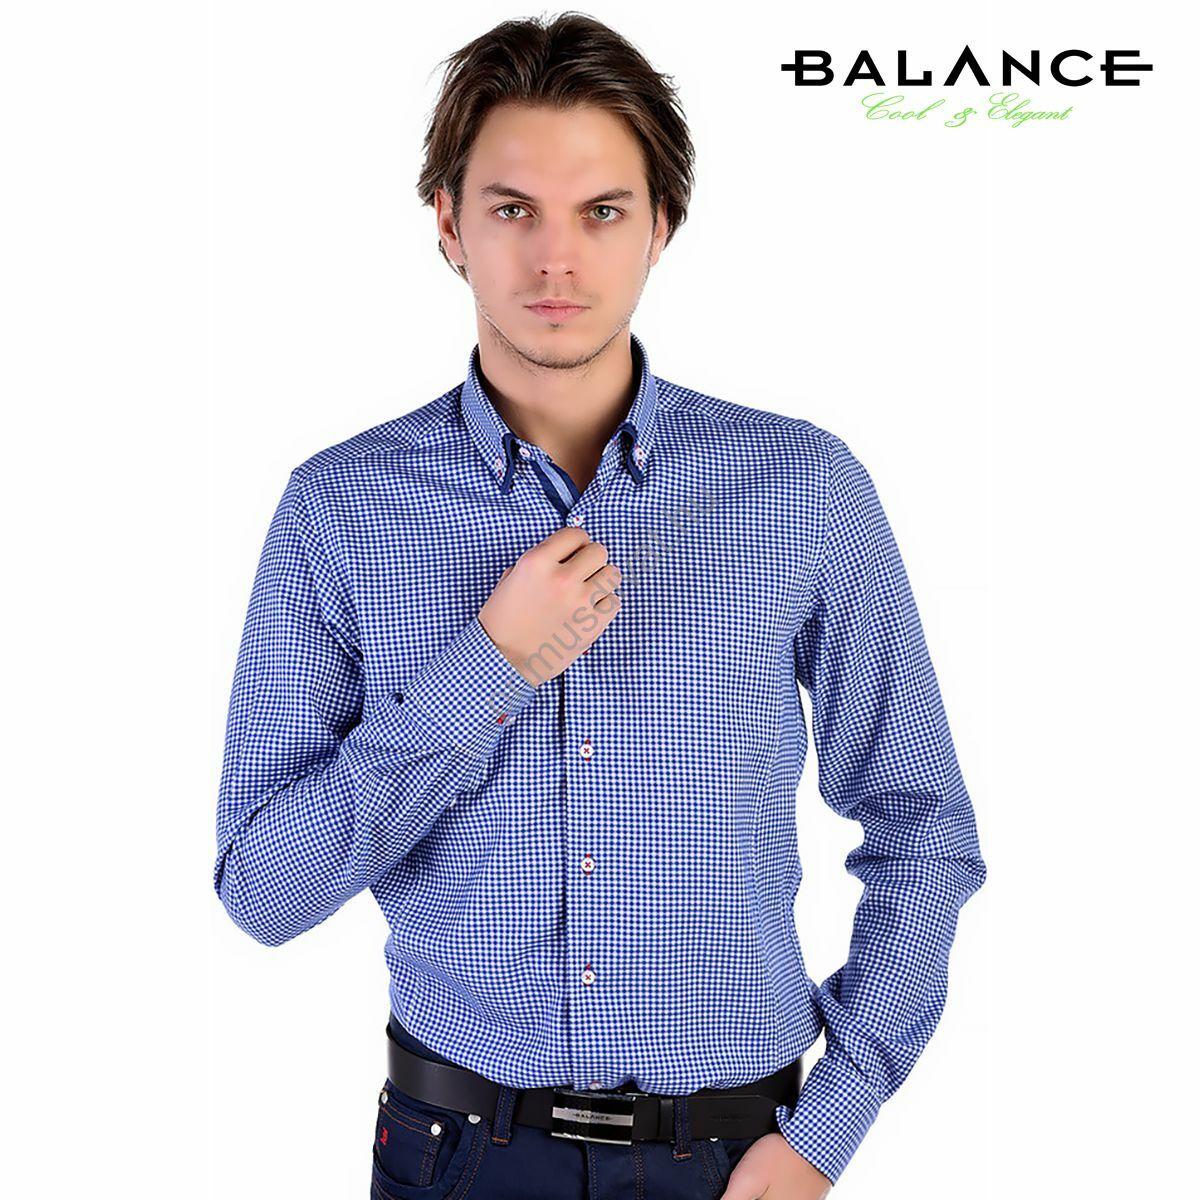 9252ac96f7 Balance kék-fehér kockás hosszú ujjú, karcsúsított long fit ing, dupla,  legombolt